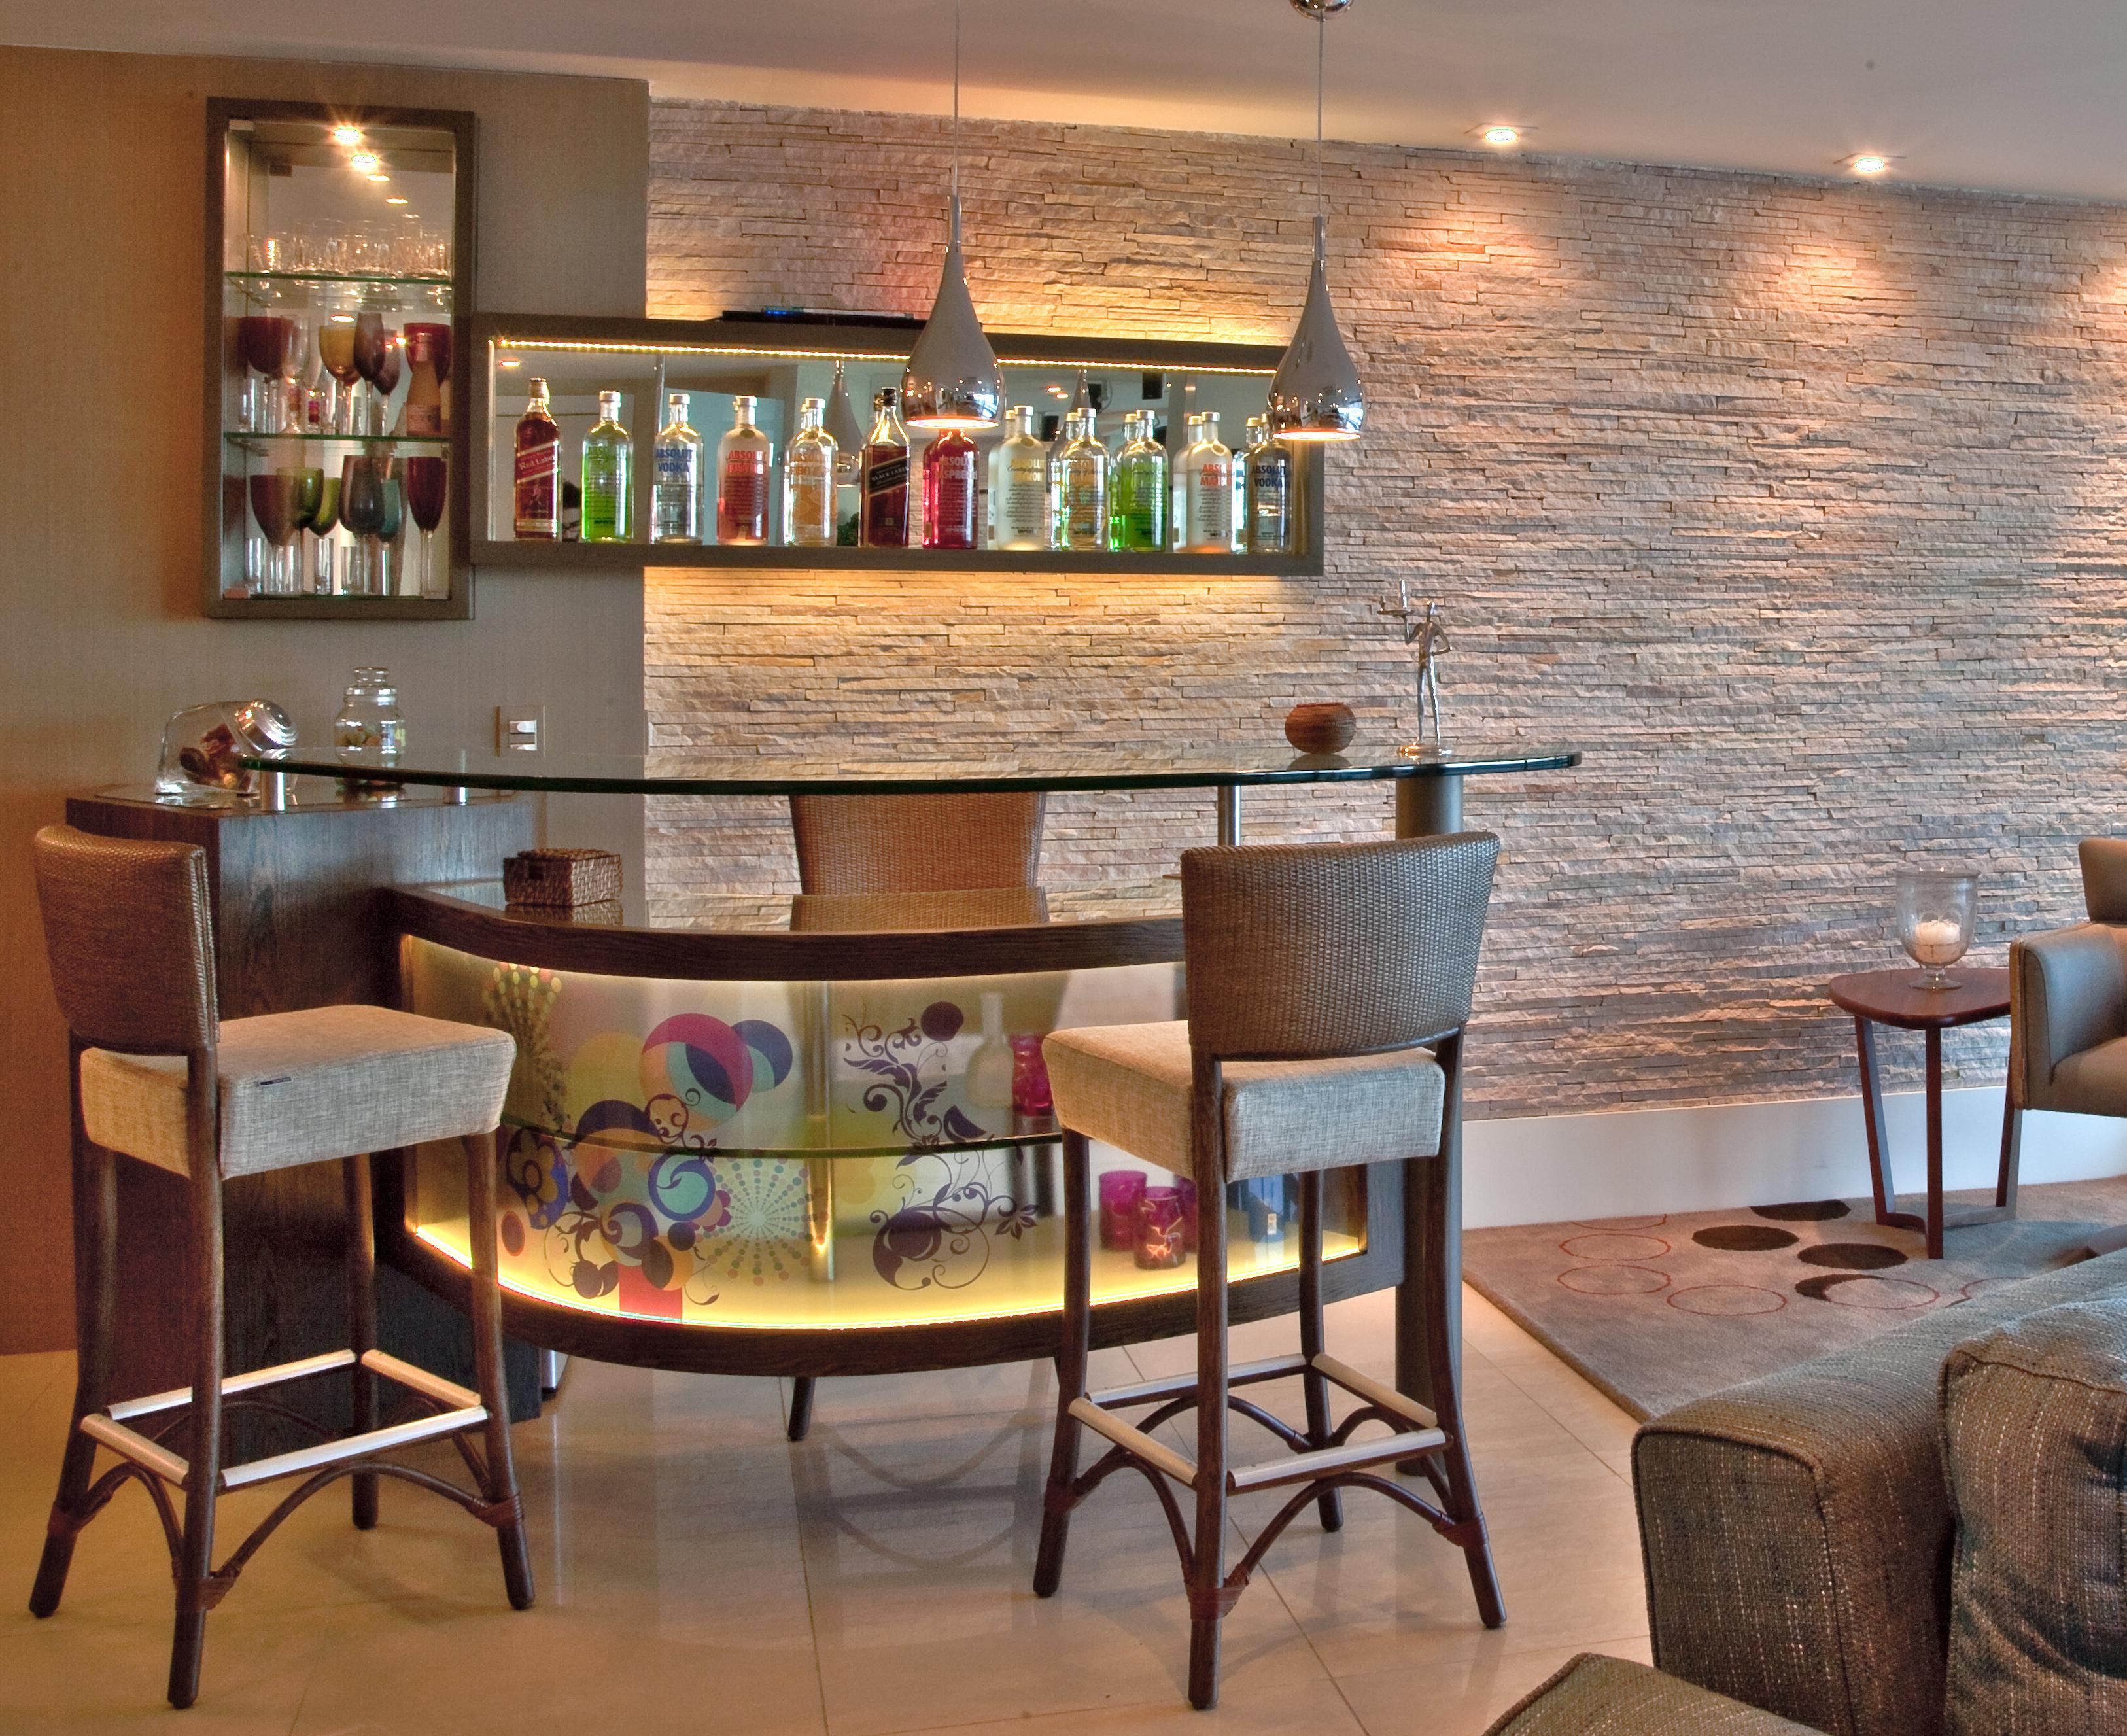 #A46B27 Como montar um bar charmoso em casa Fabiana Scaranzi 3252x2654 píxeis em Bar Para Sala De Estar Moderno